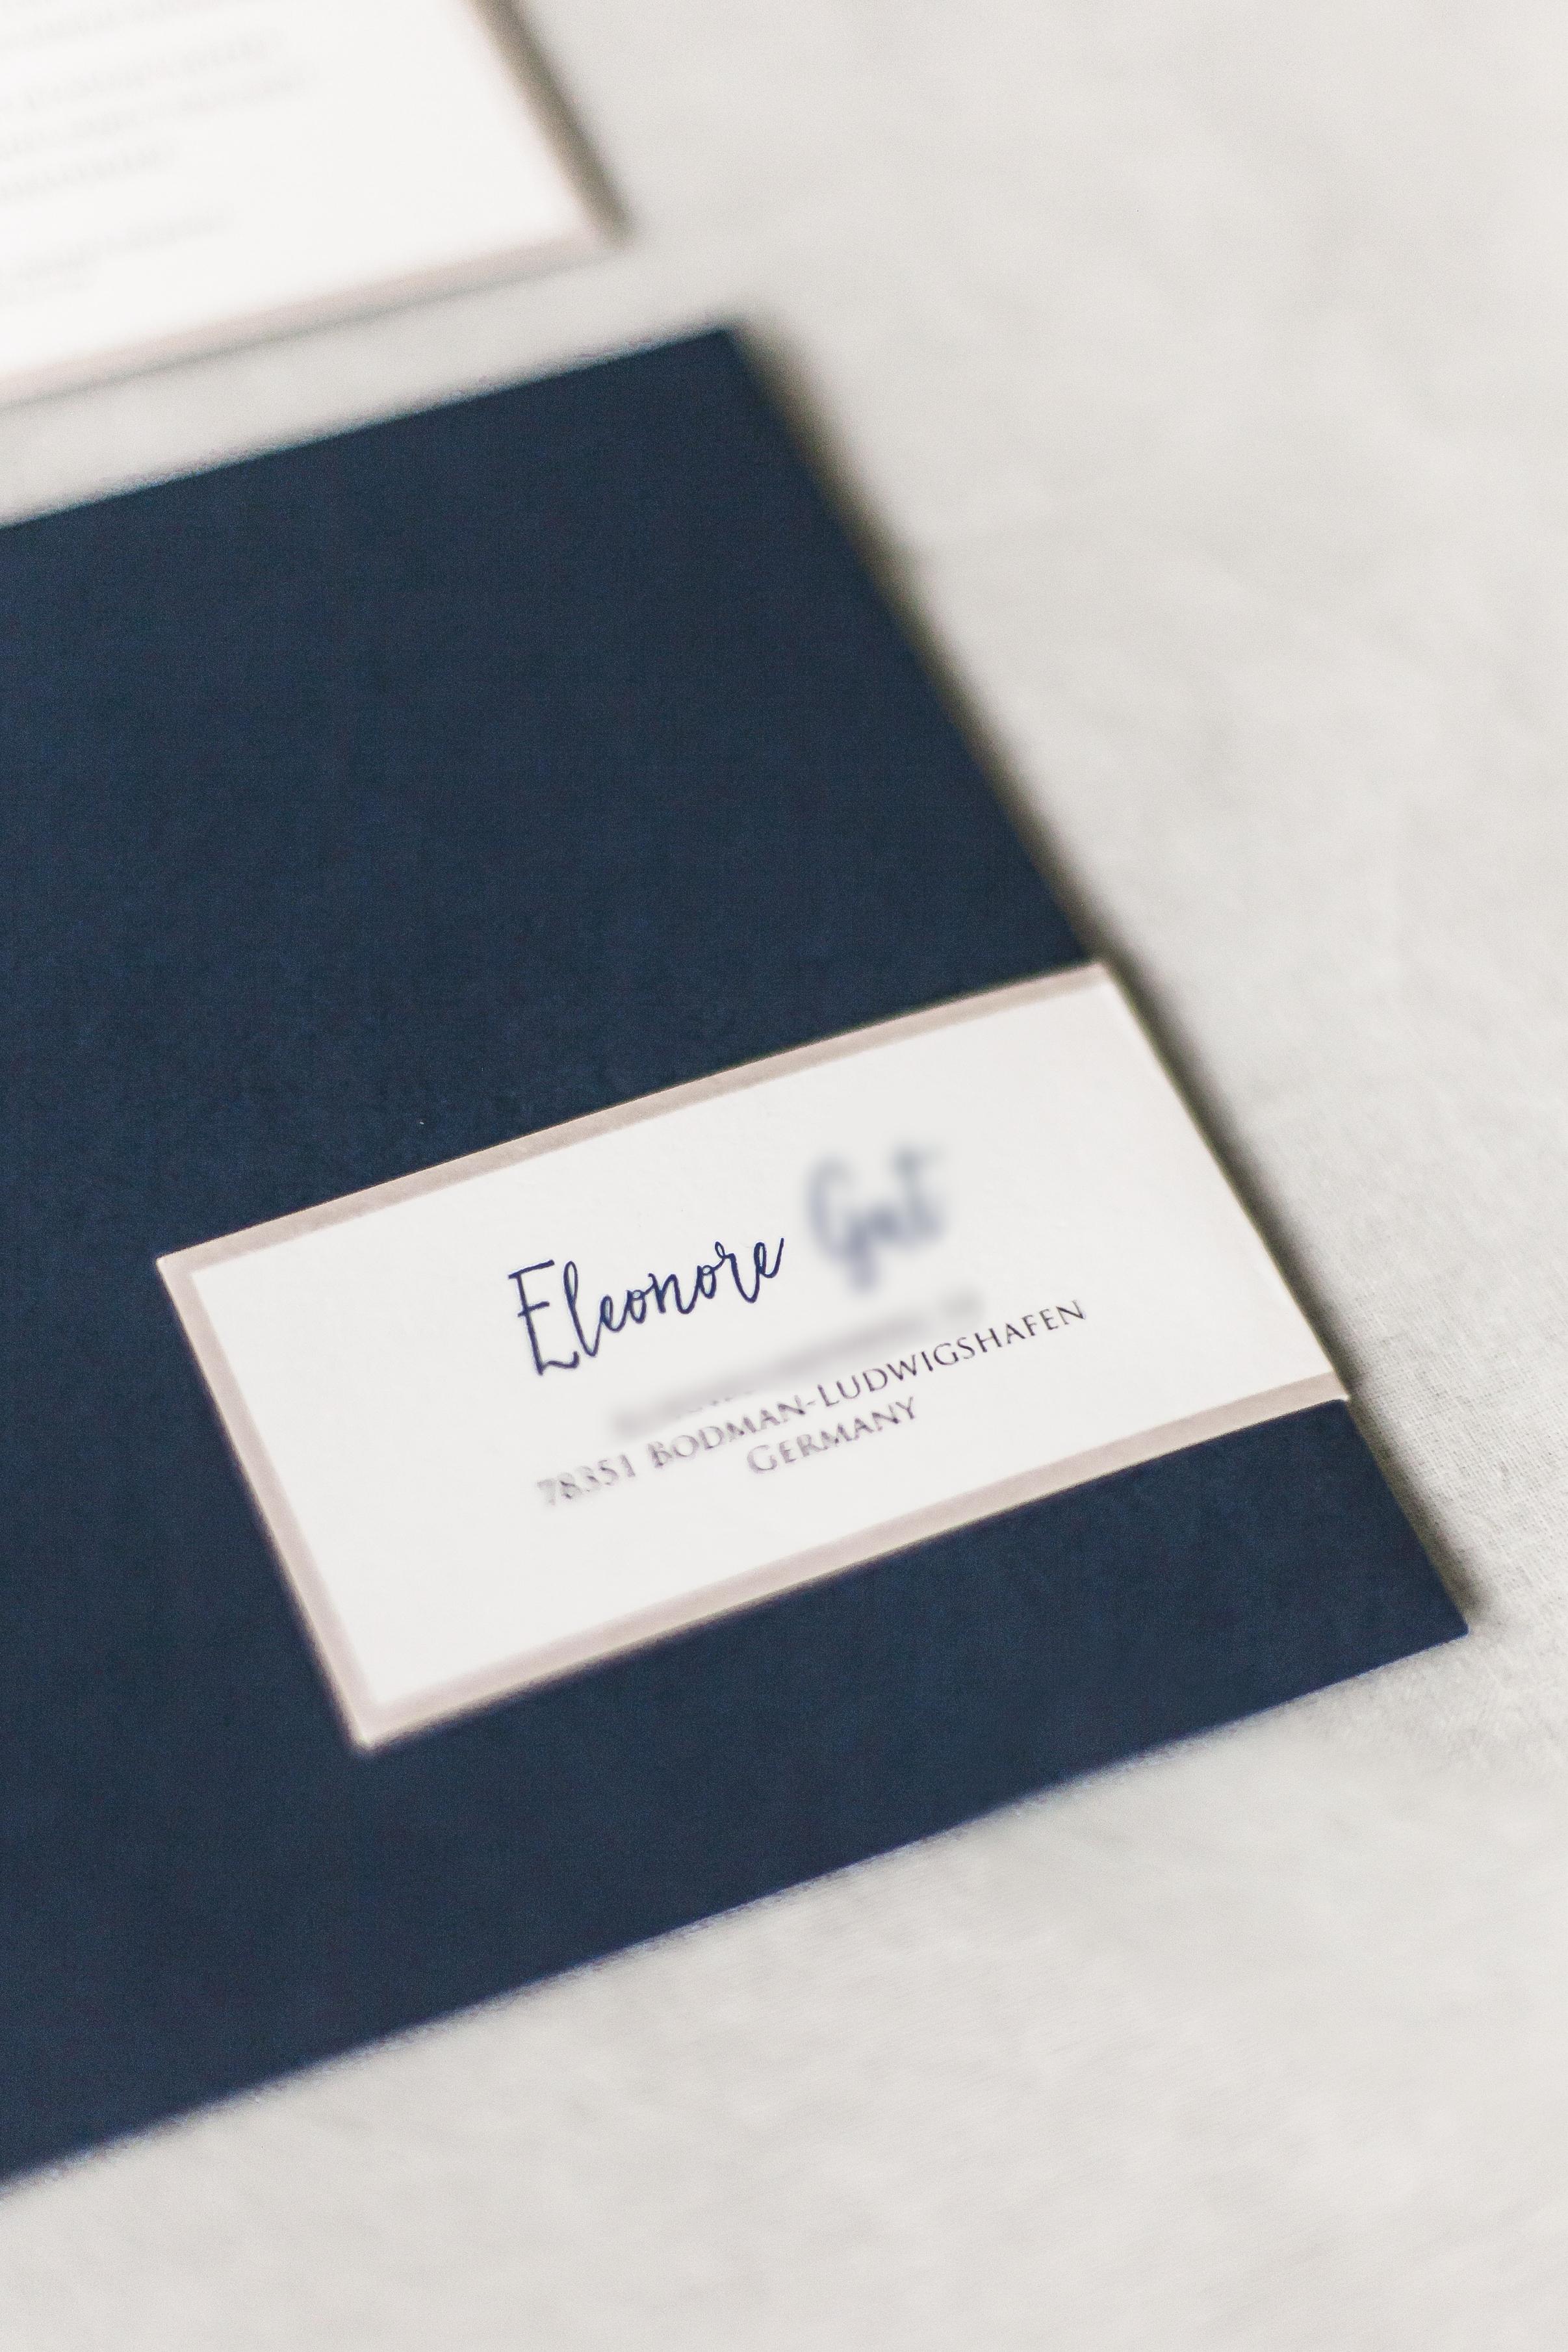 Briefumschlag mit Adressaufkleber für jeden Gast